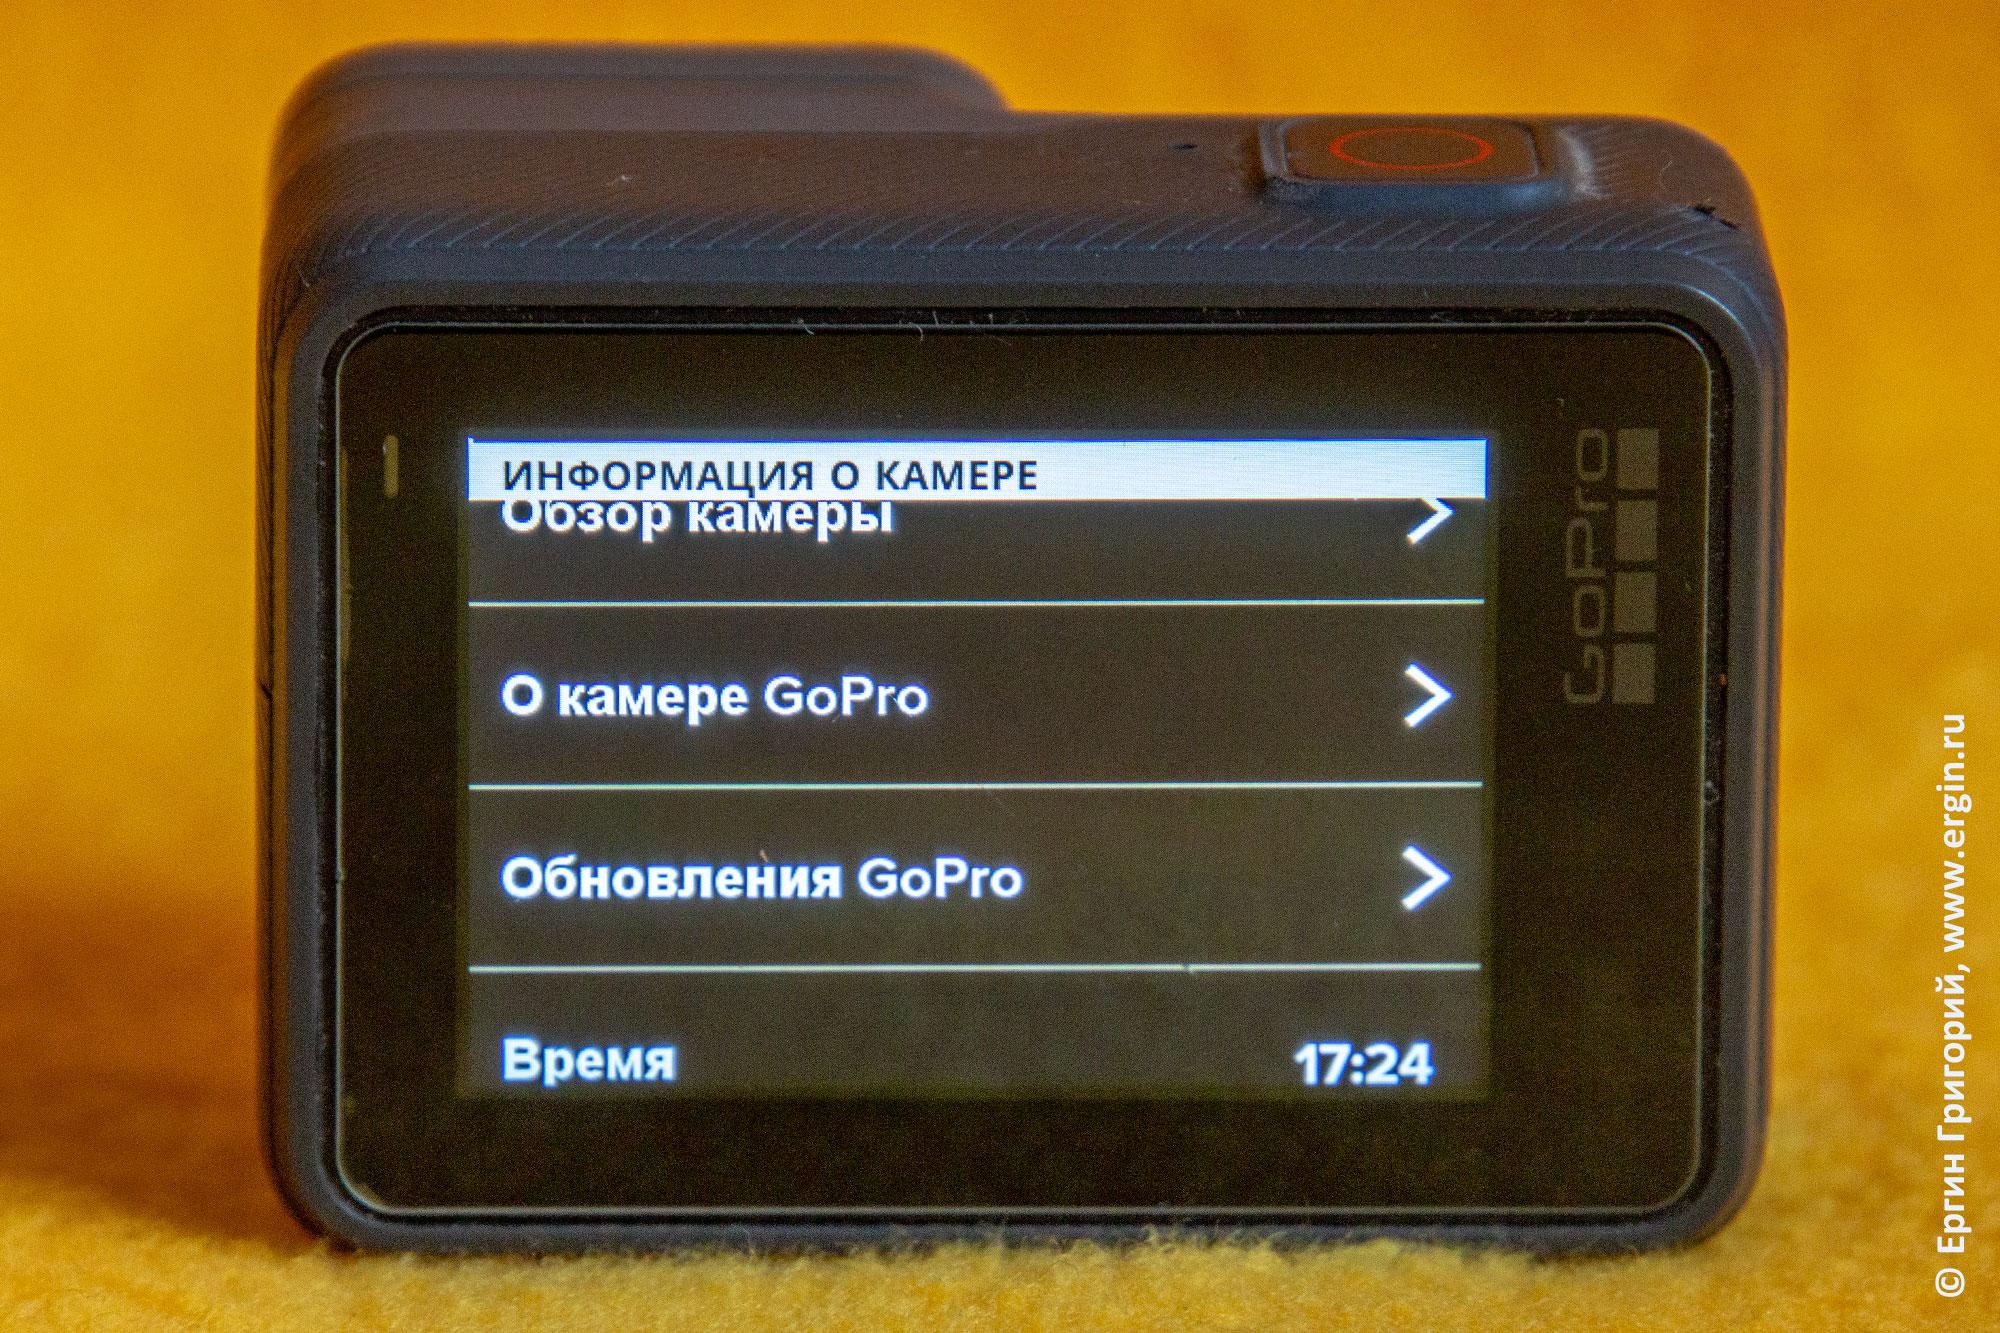 Русское меню в GoPro Hero 5 появилось после обновления прошивки